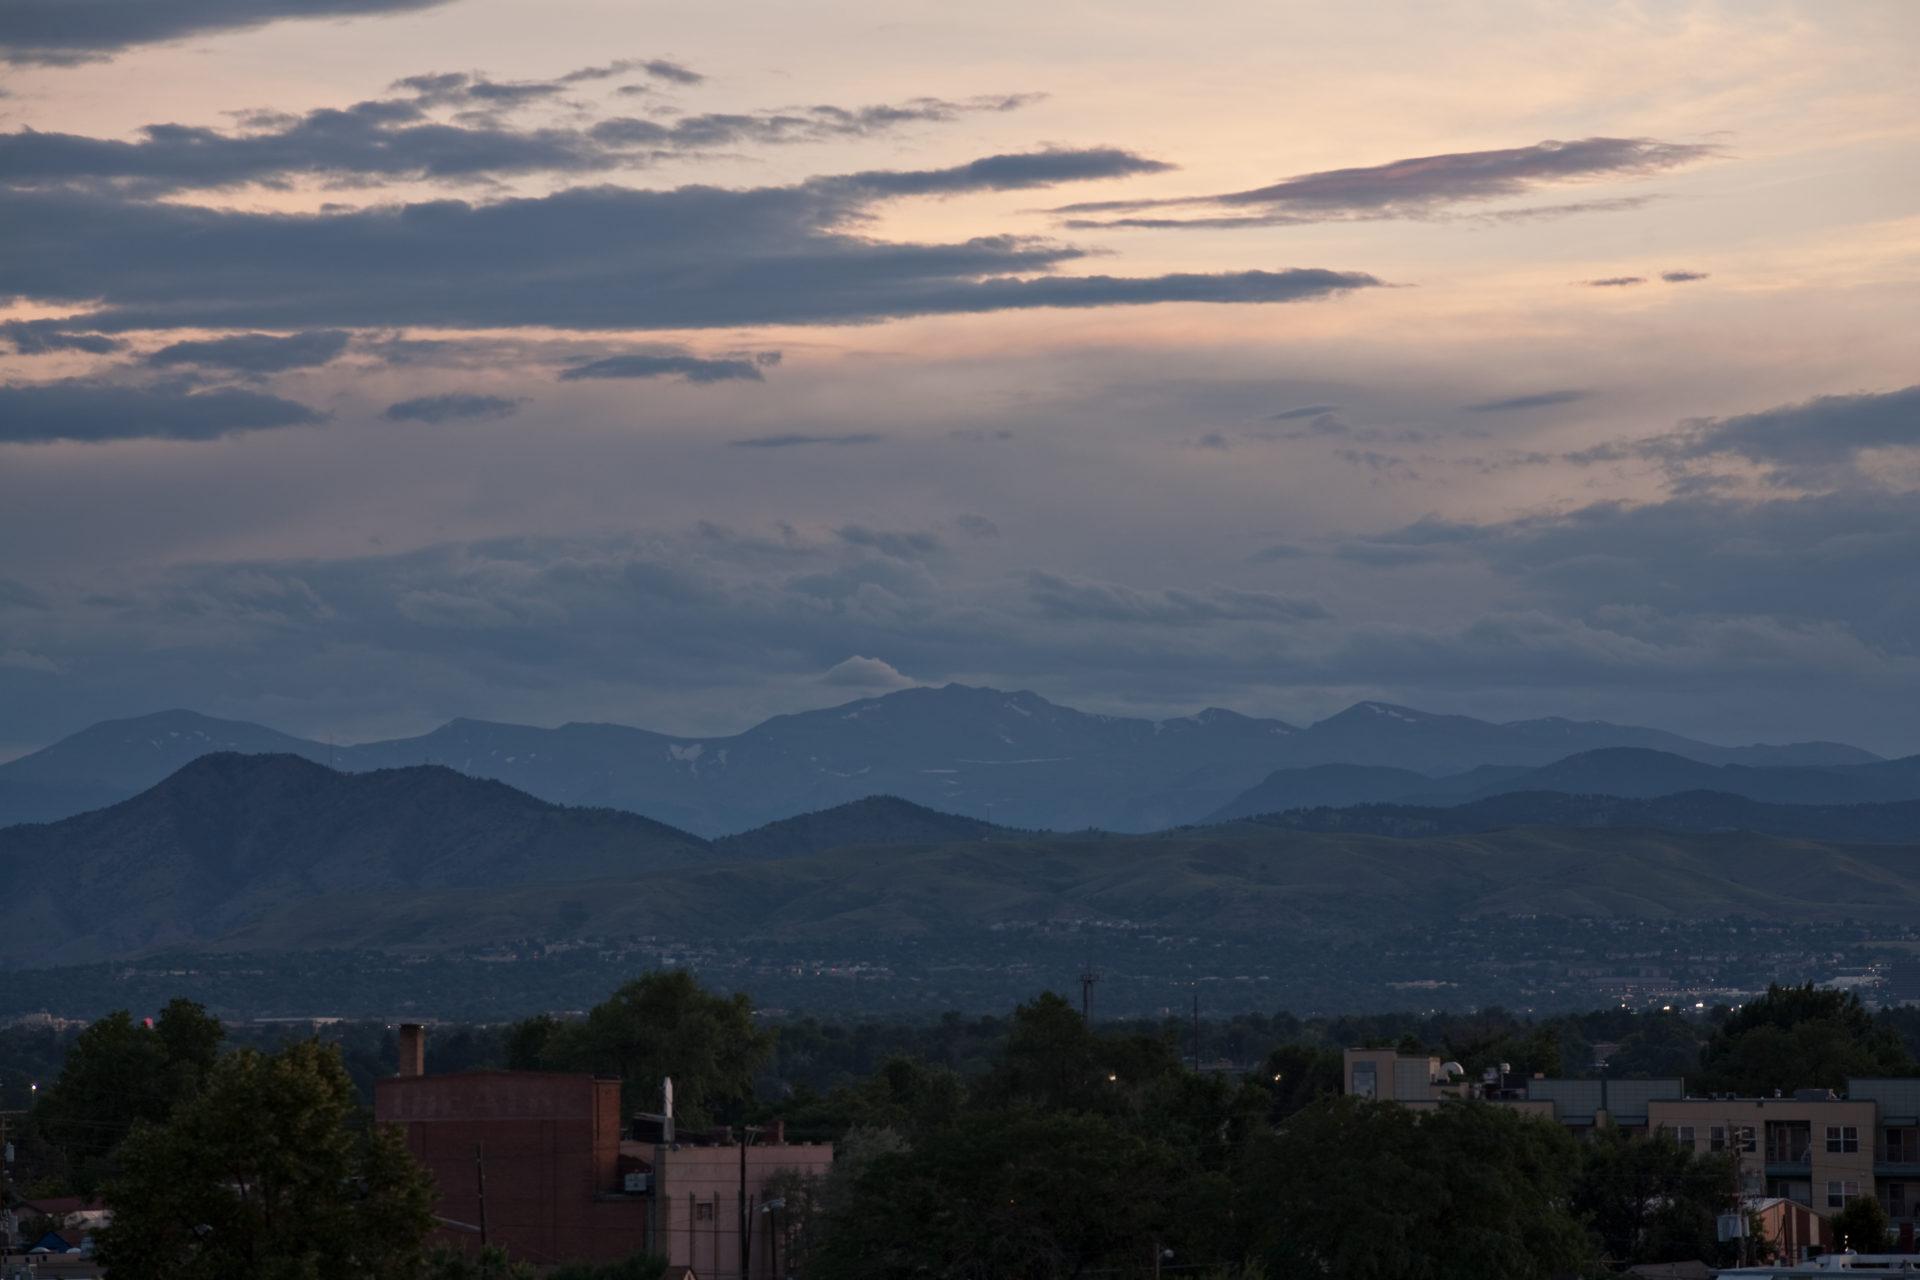 Mount Evans after sunset - July 25, 2011